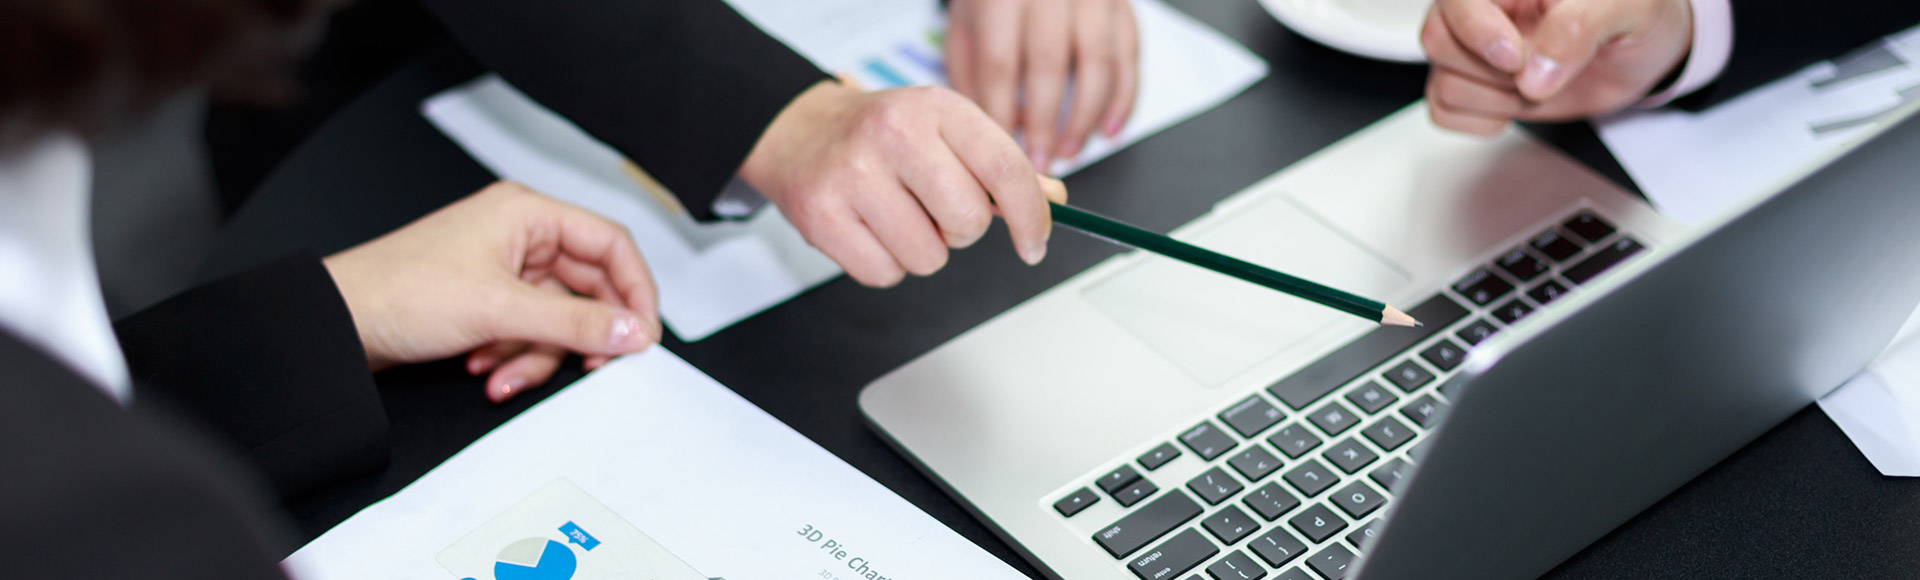 松石网络科技项目管理系统